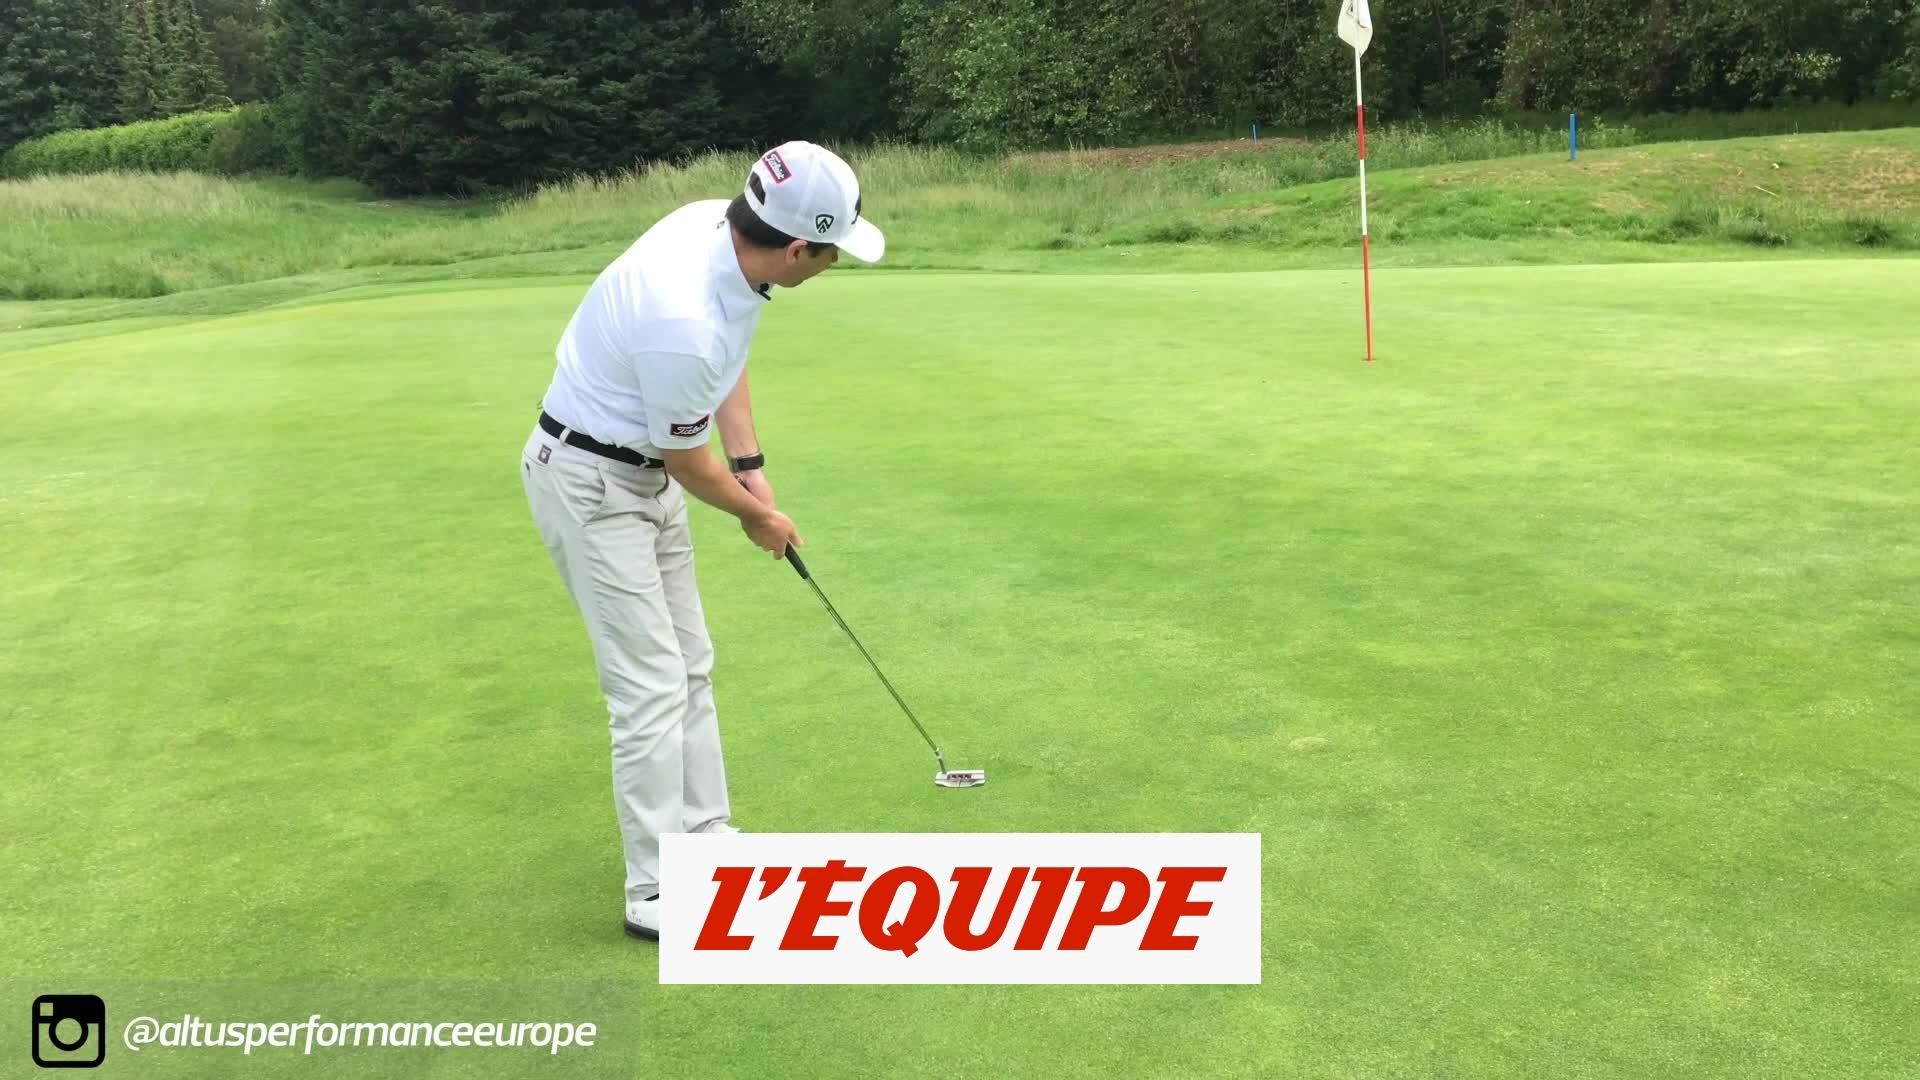 La bonne routine au putting – Golf – Altus